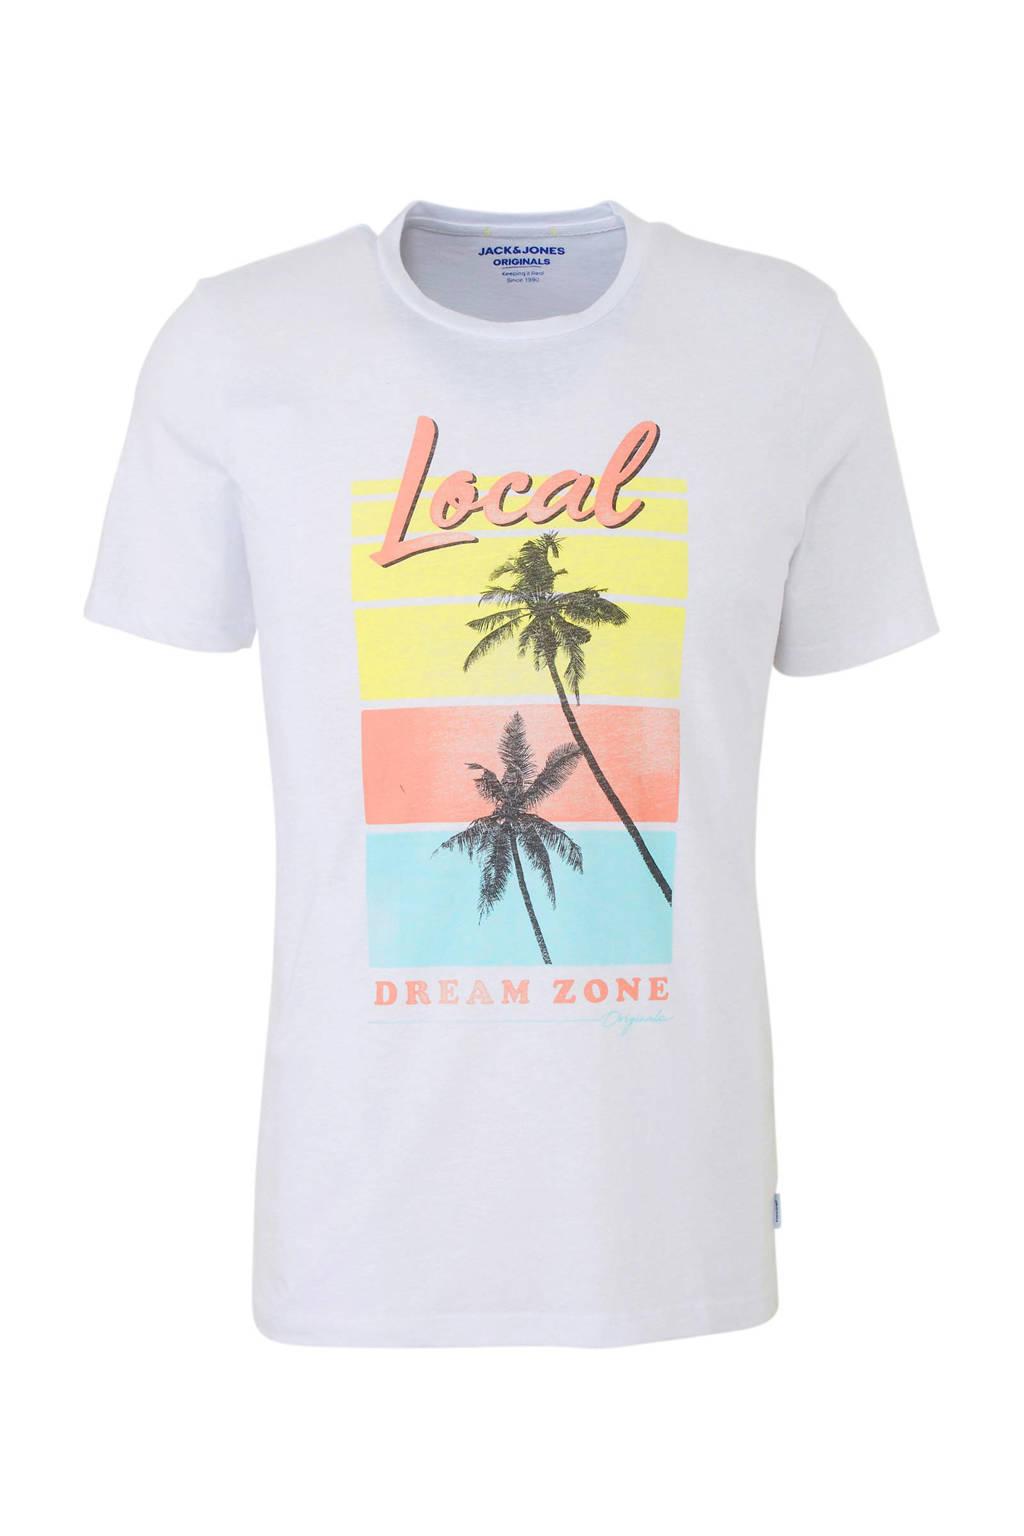 Jack & Jones Originals gemêleerd T-shirt met printopdruk, Wit/geel